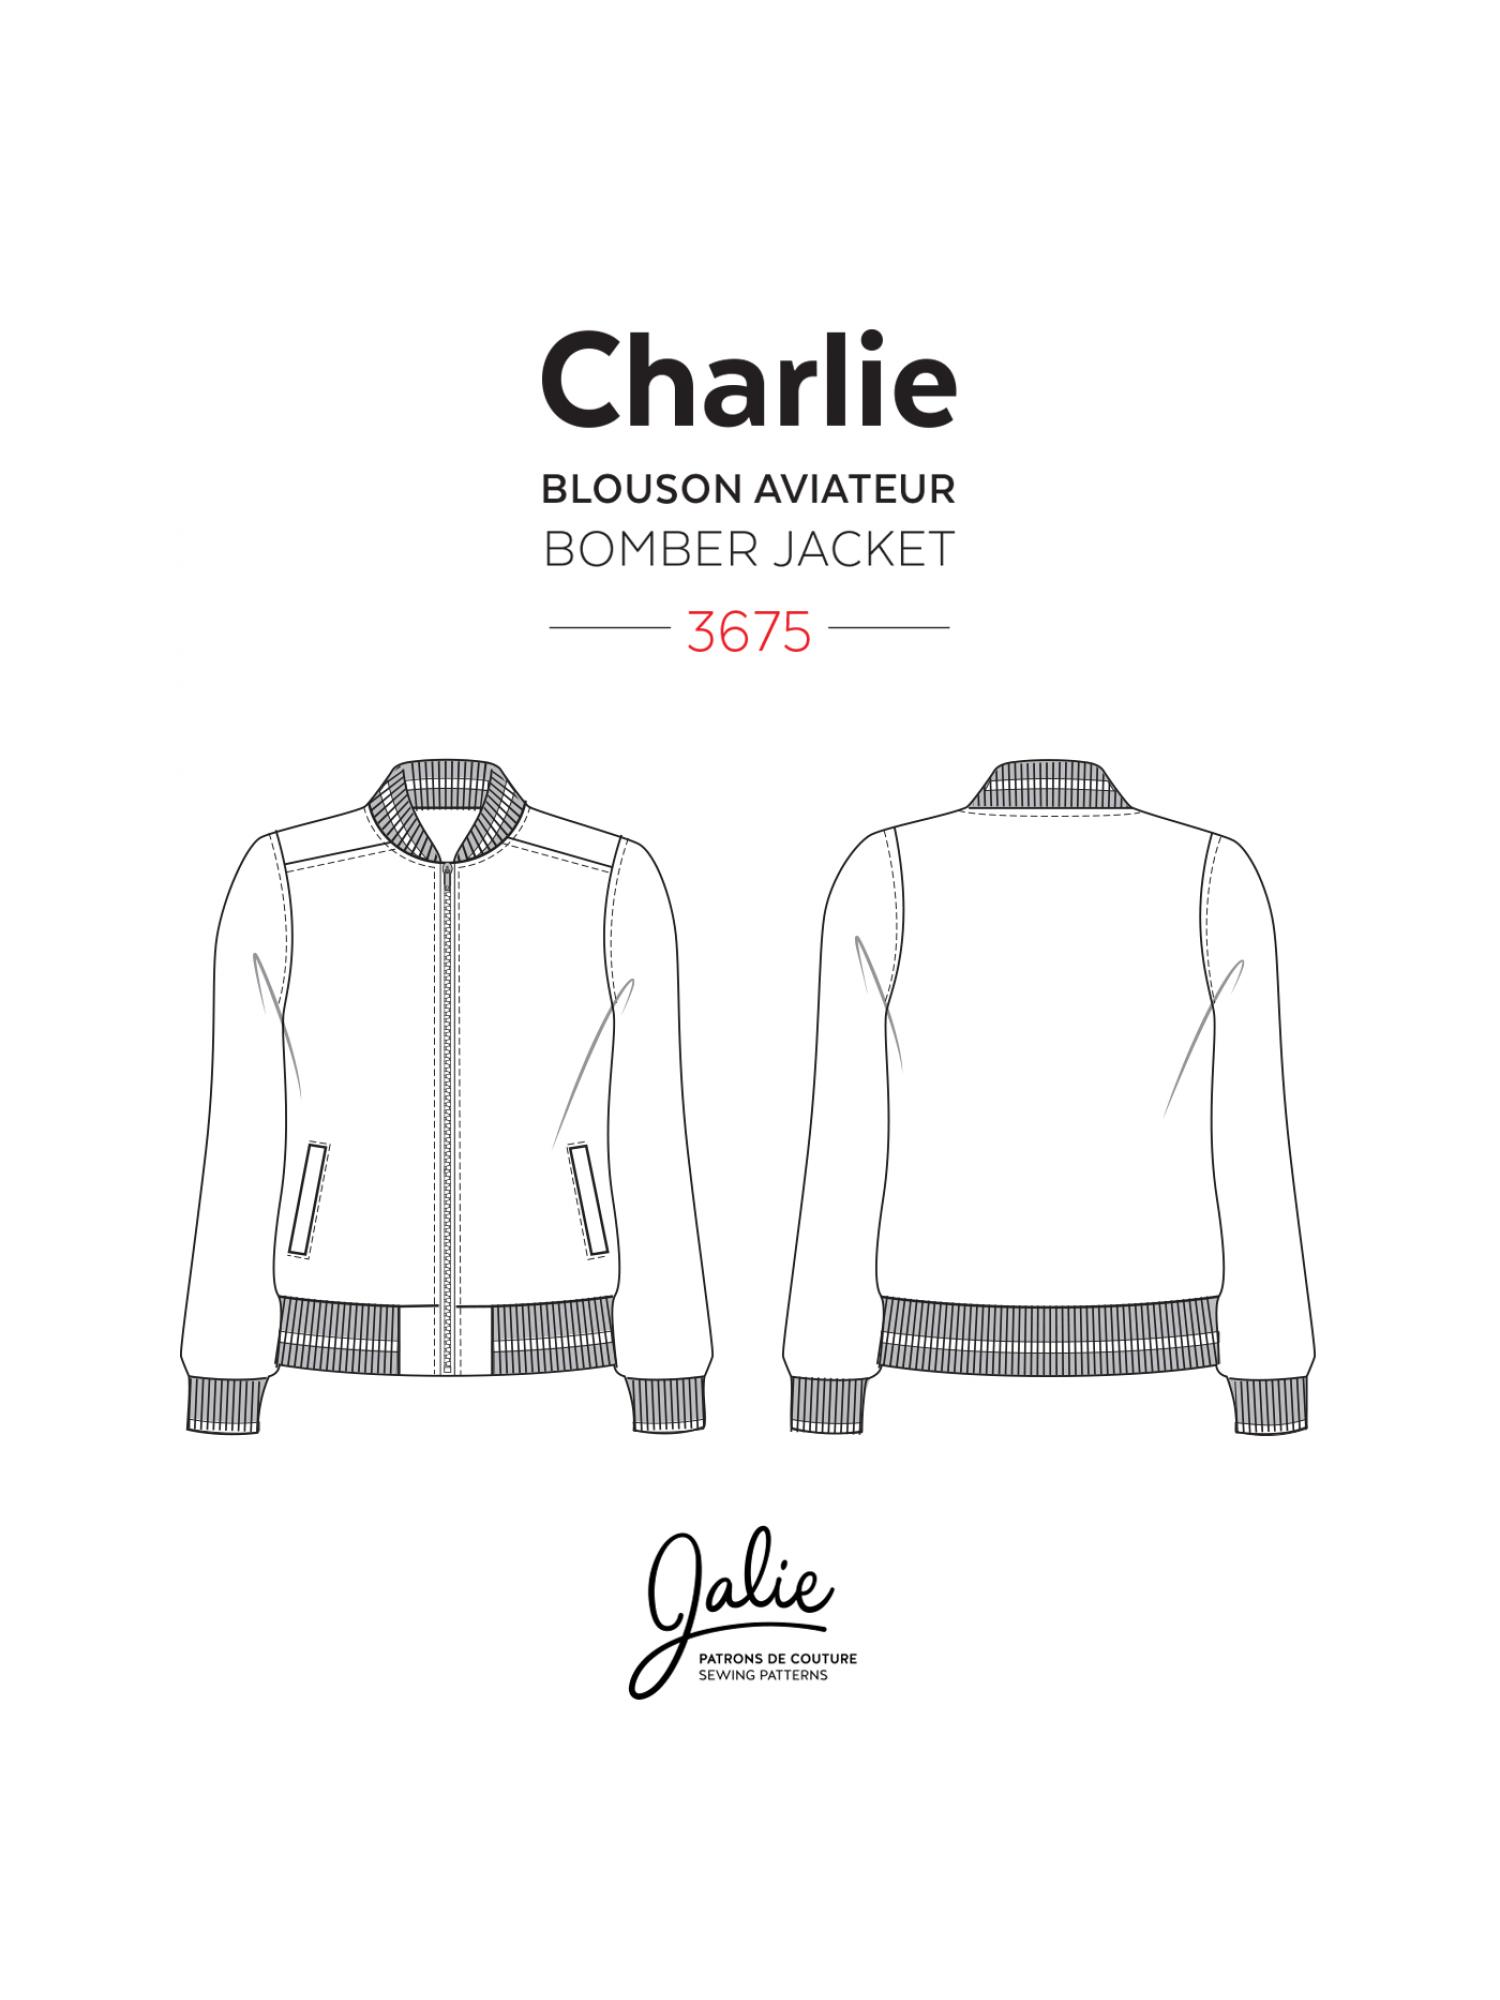 Blogue de Jalie - Nouvelles, idées, hacks, inspiration: CHARLIE - Un ...